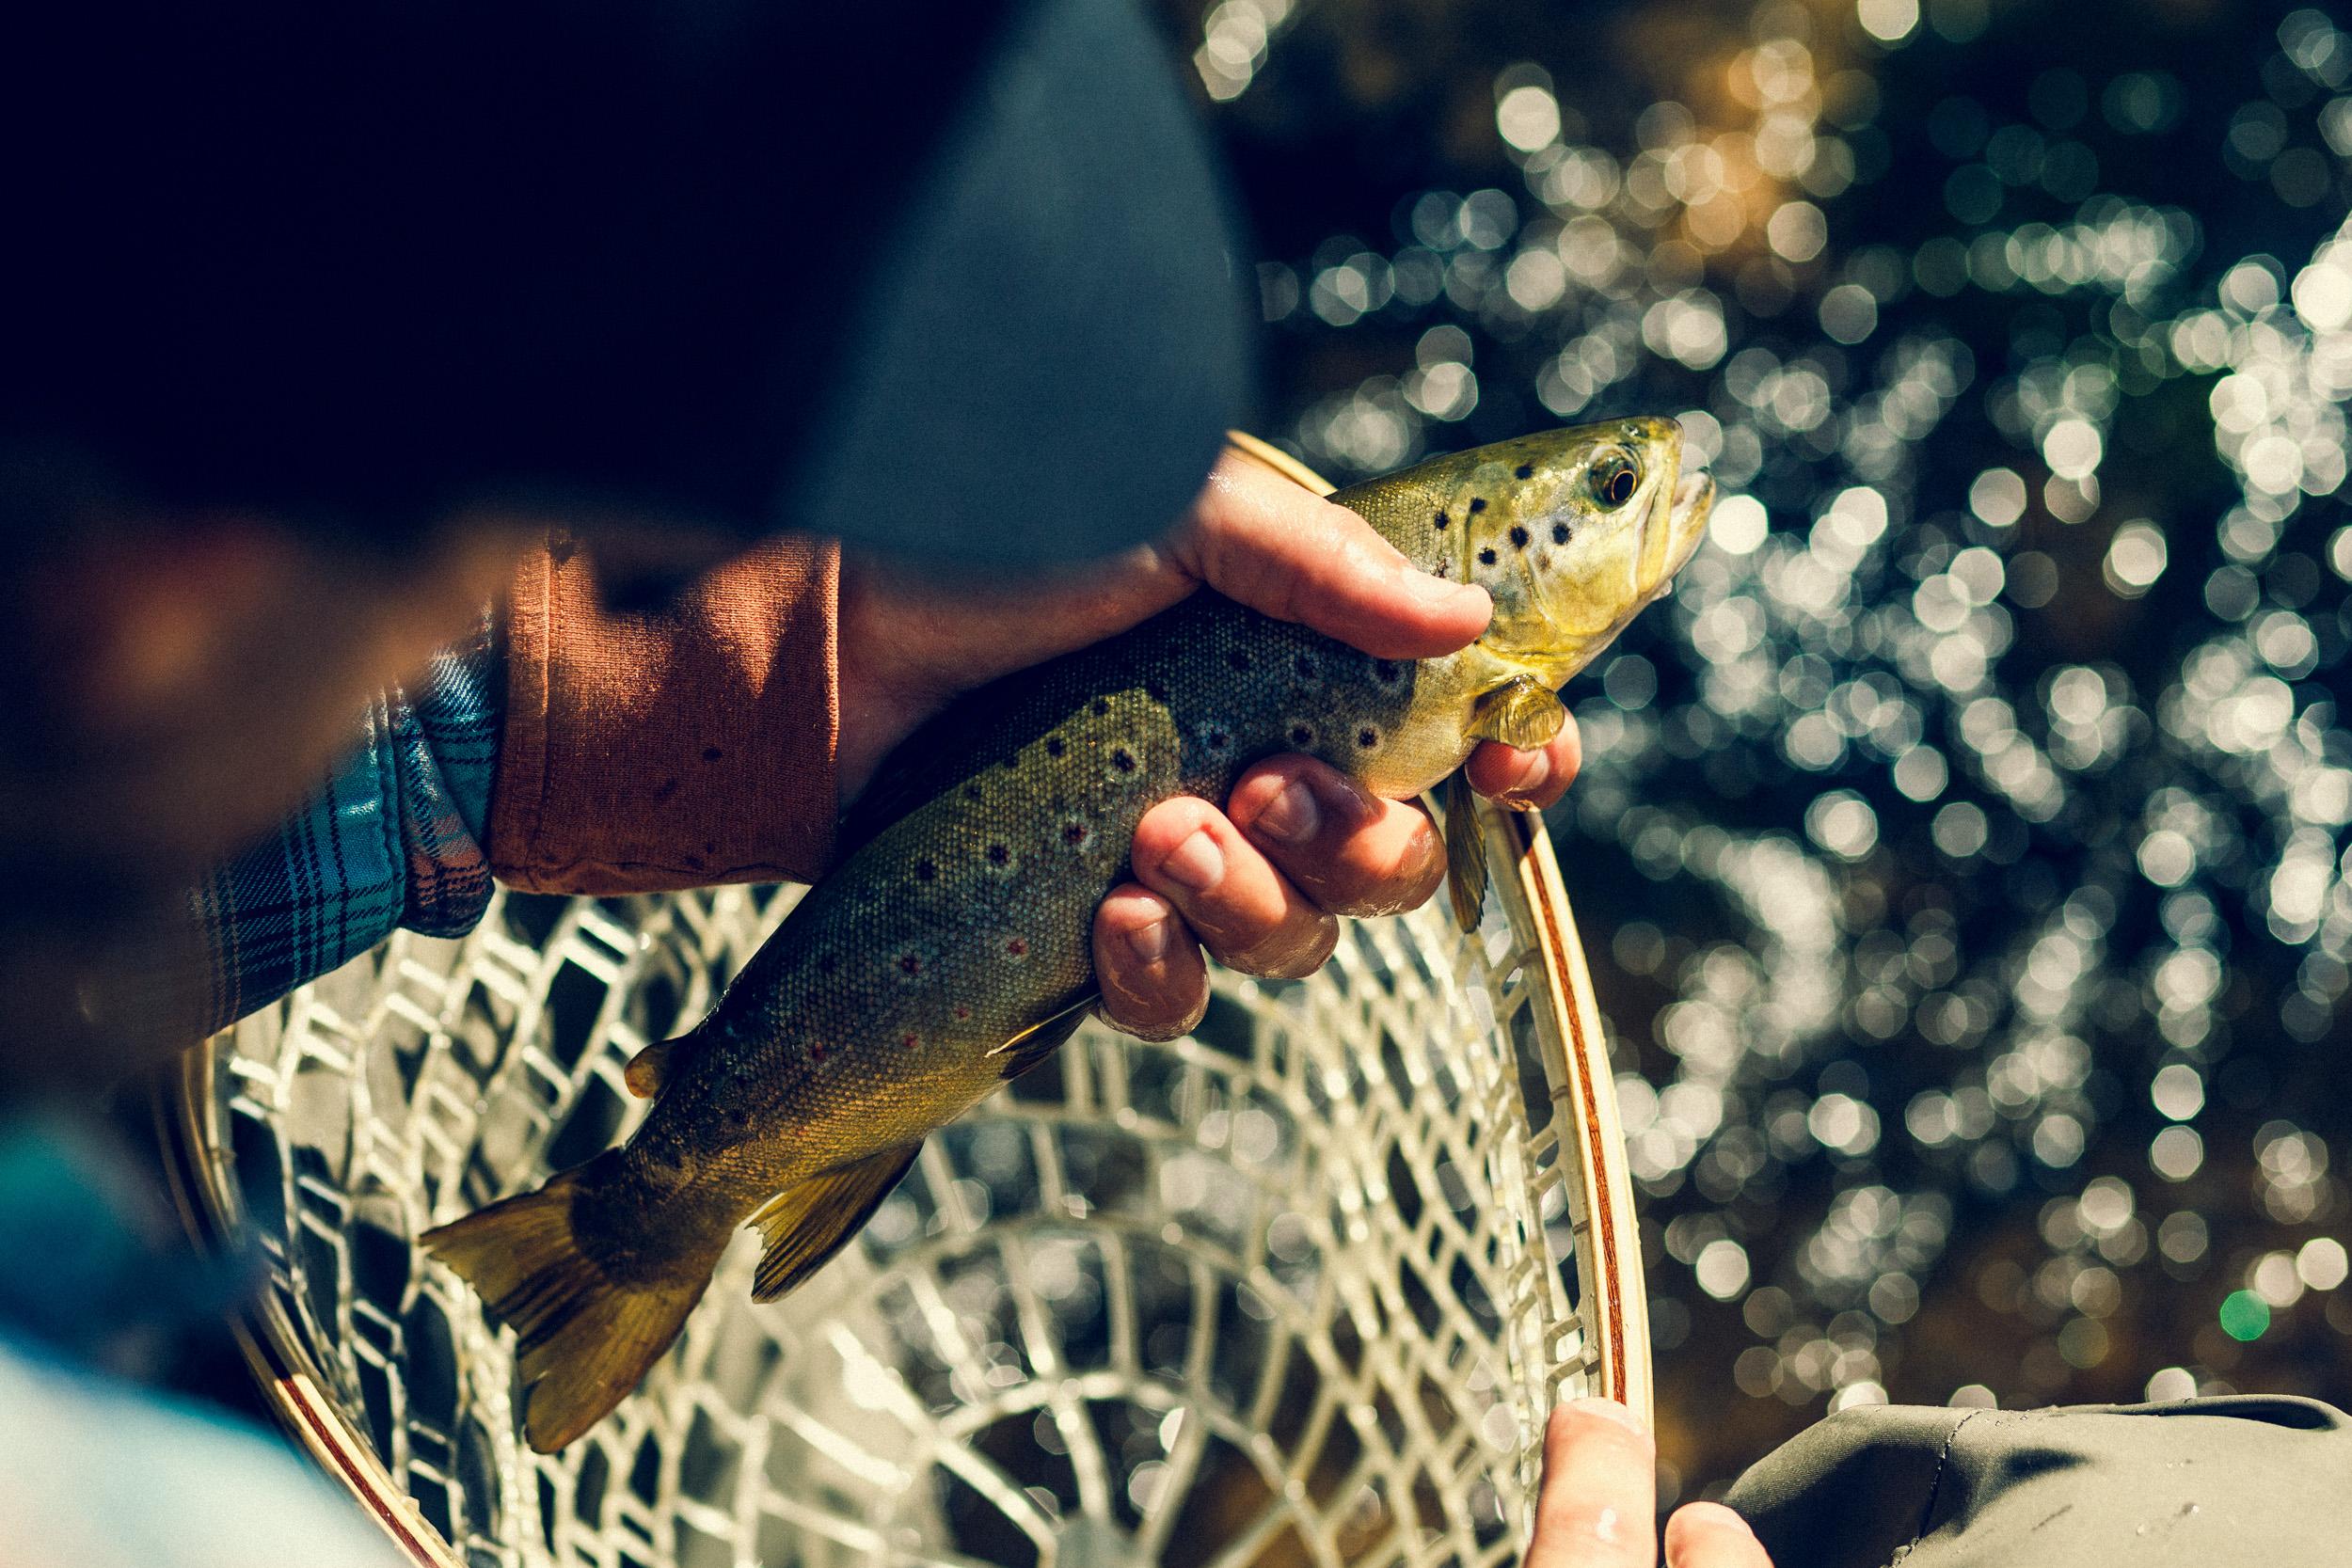 AndrewWhite_Photo_Fishing-5.JPG